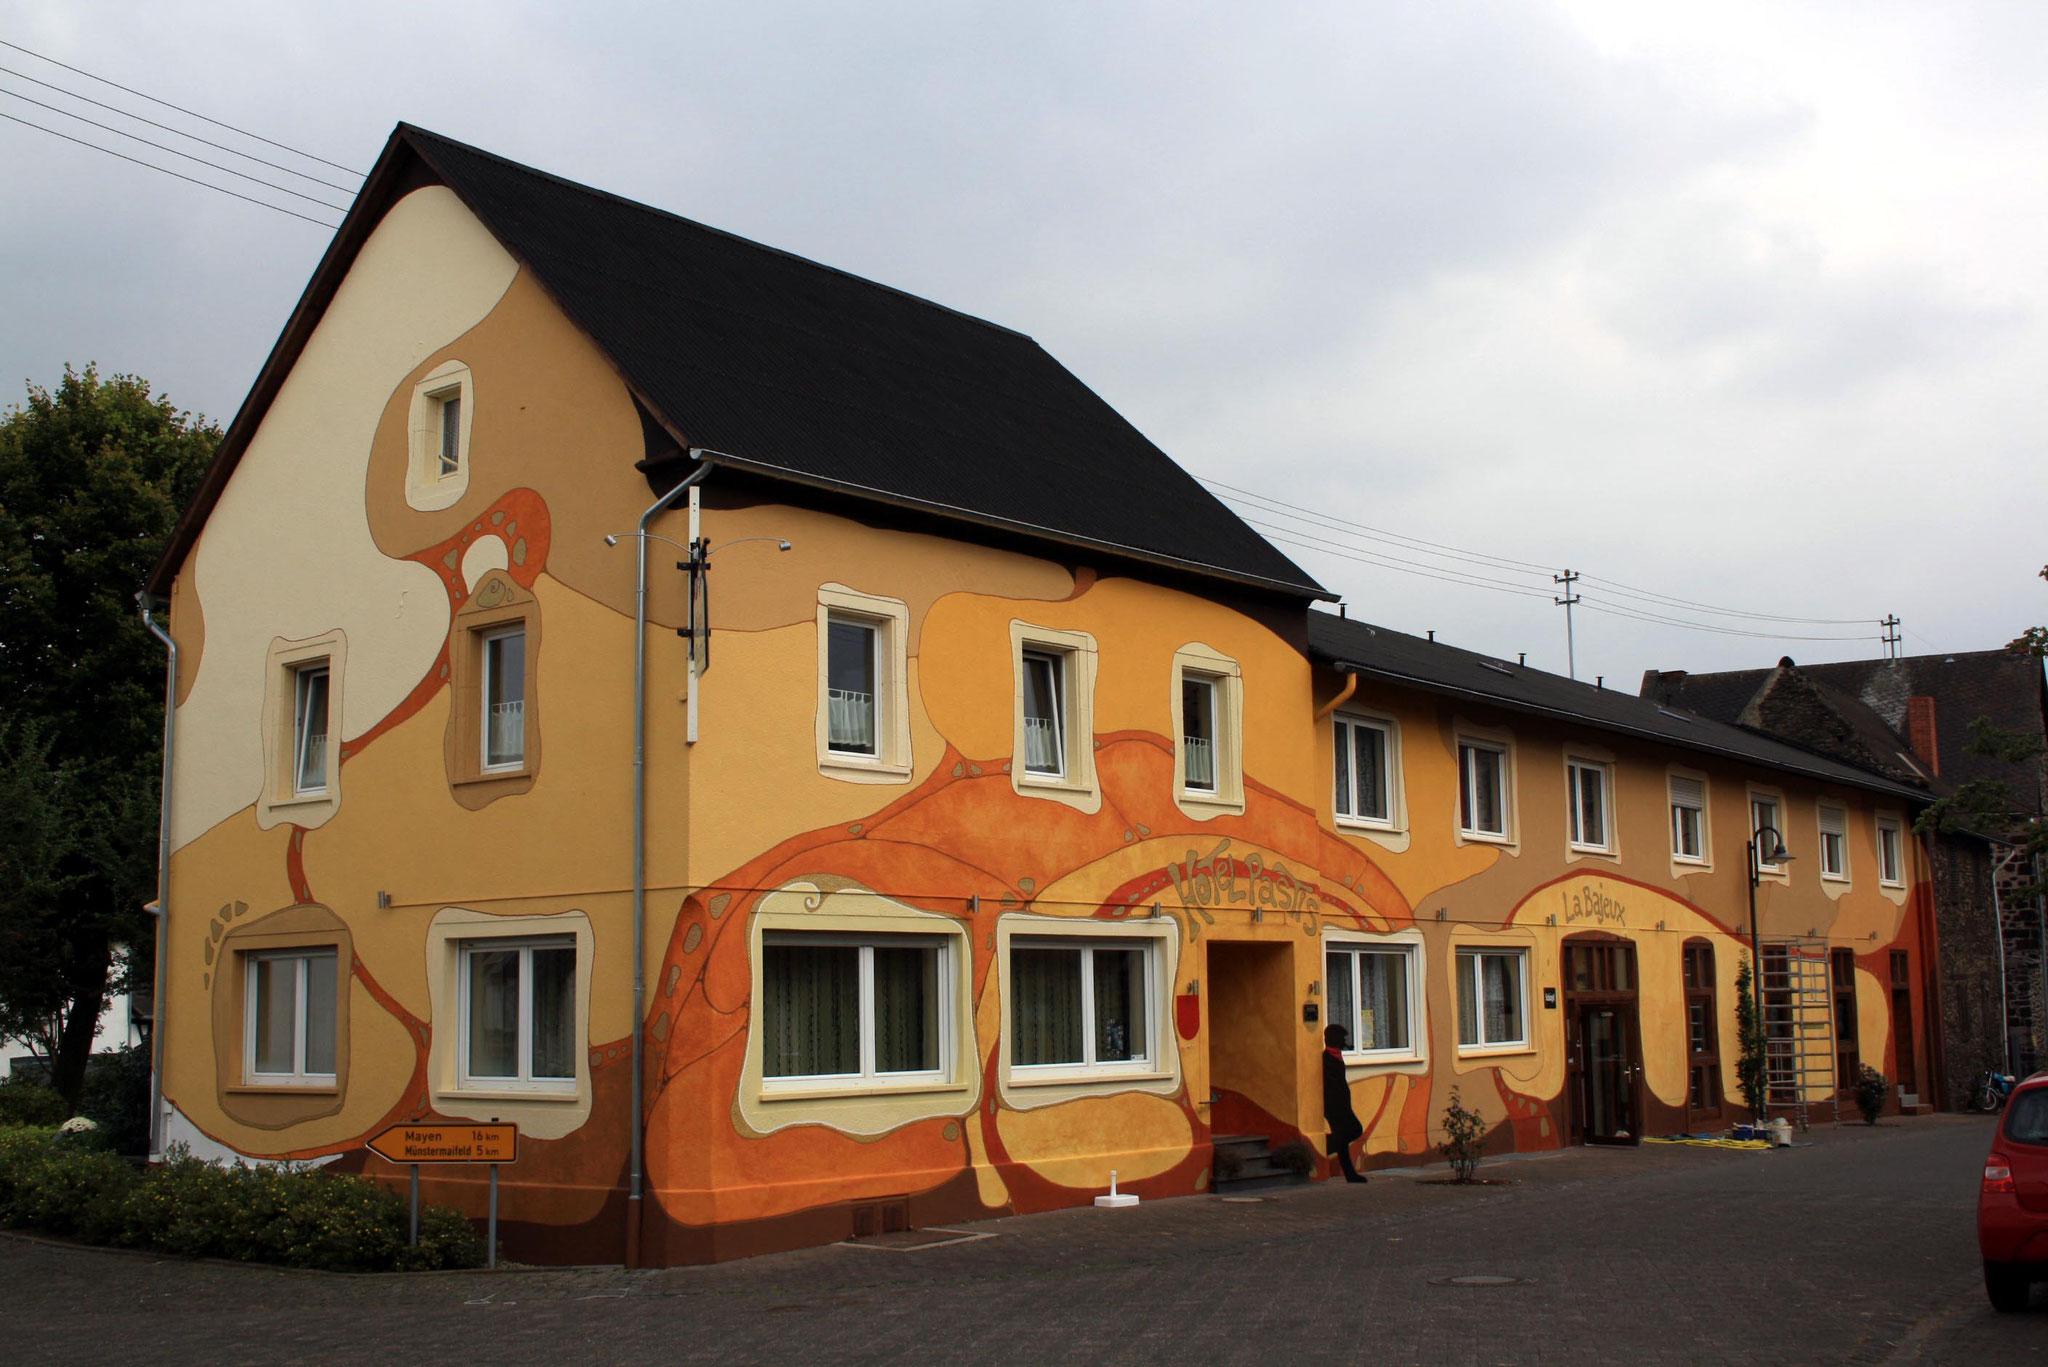 Hotel Pastis Pillig